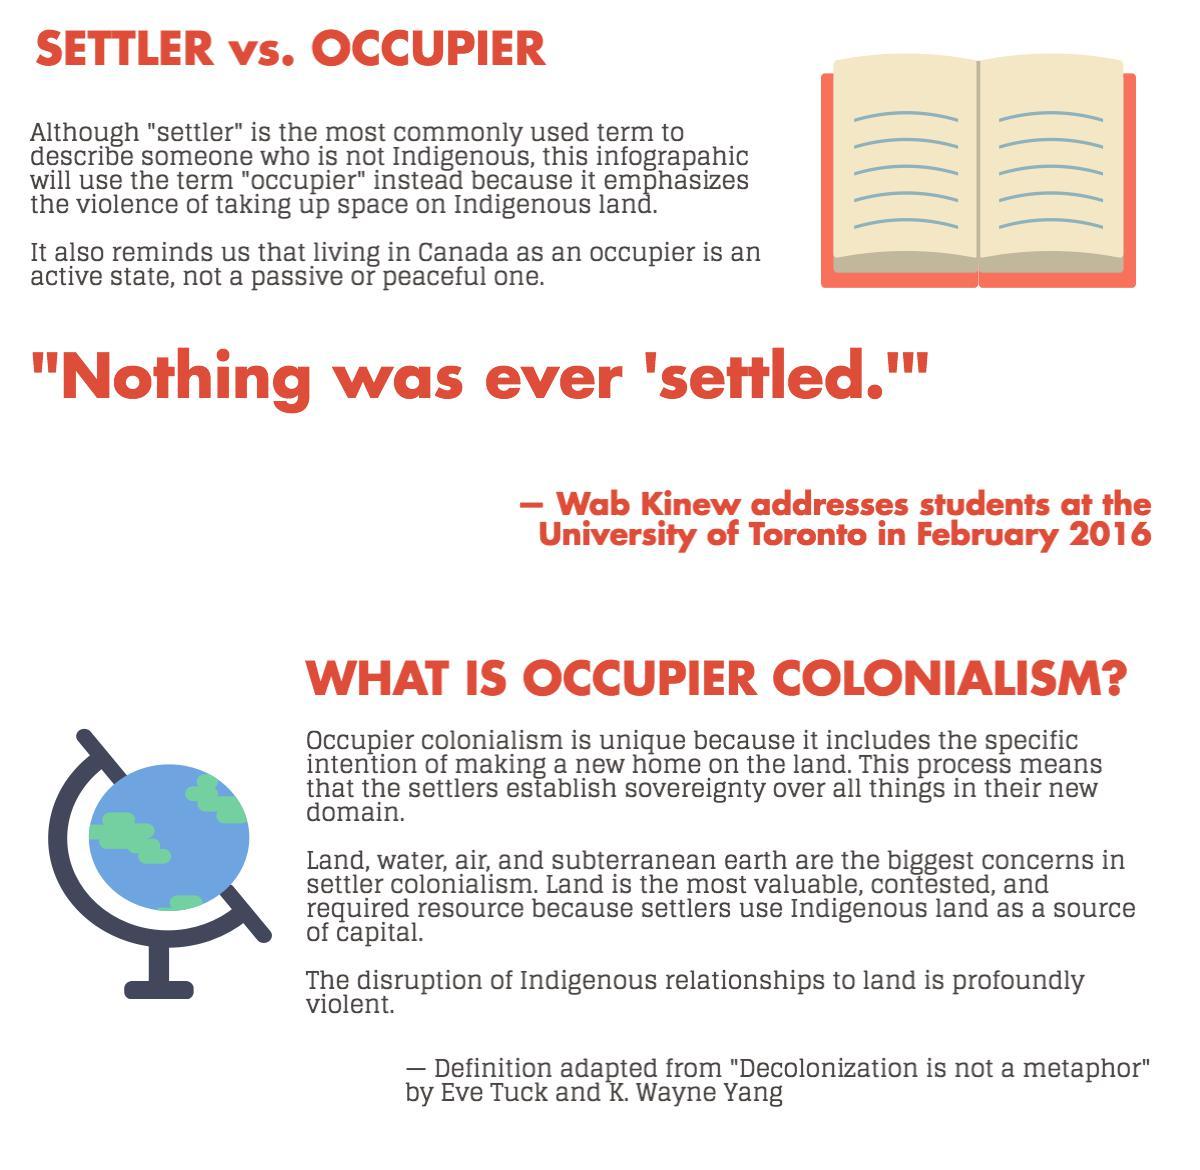 Graphic on settler vs. occupier